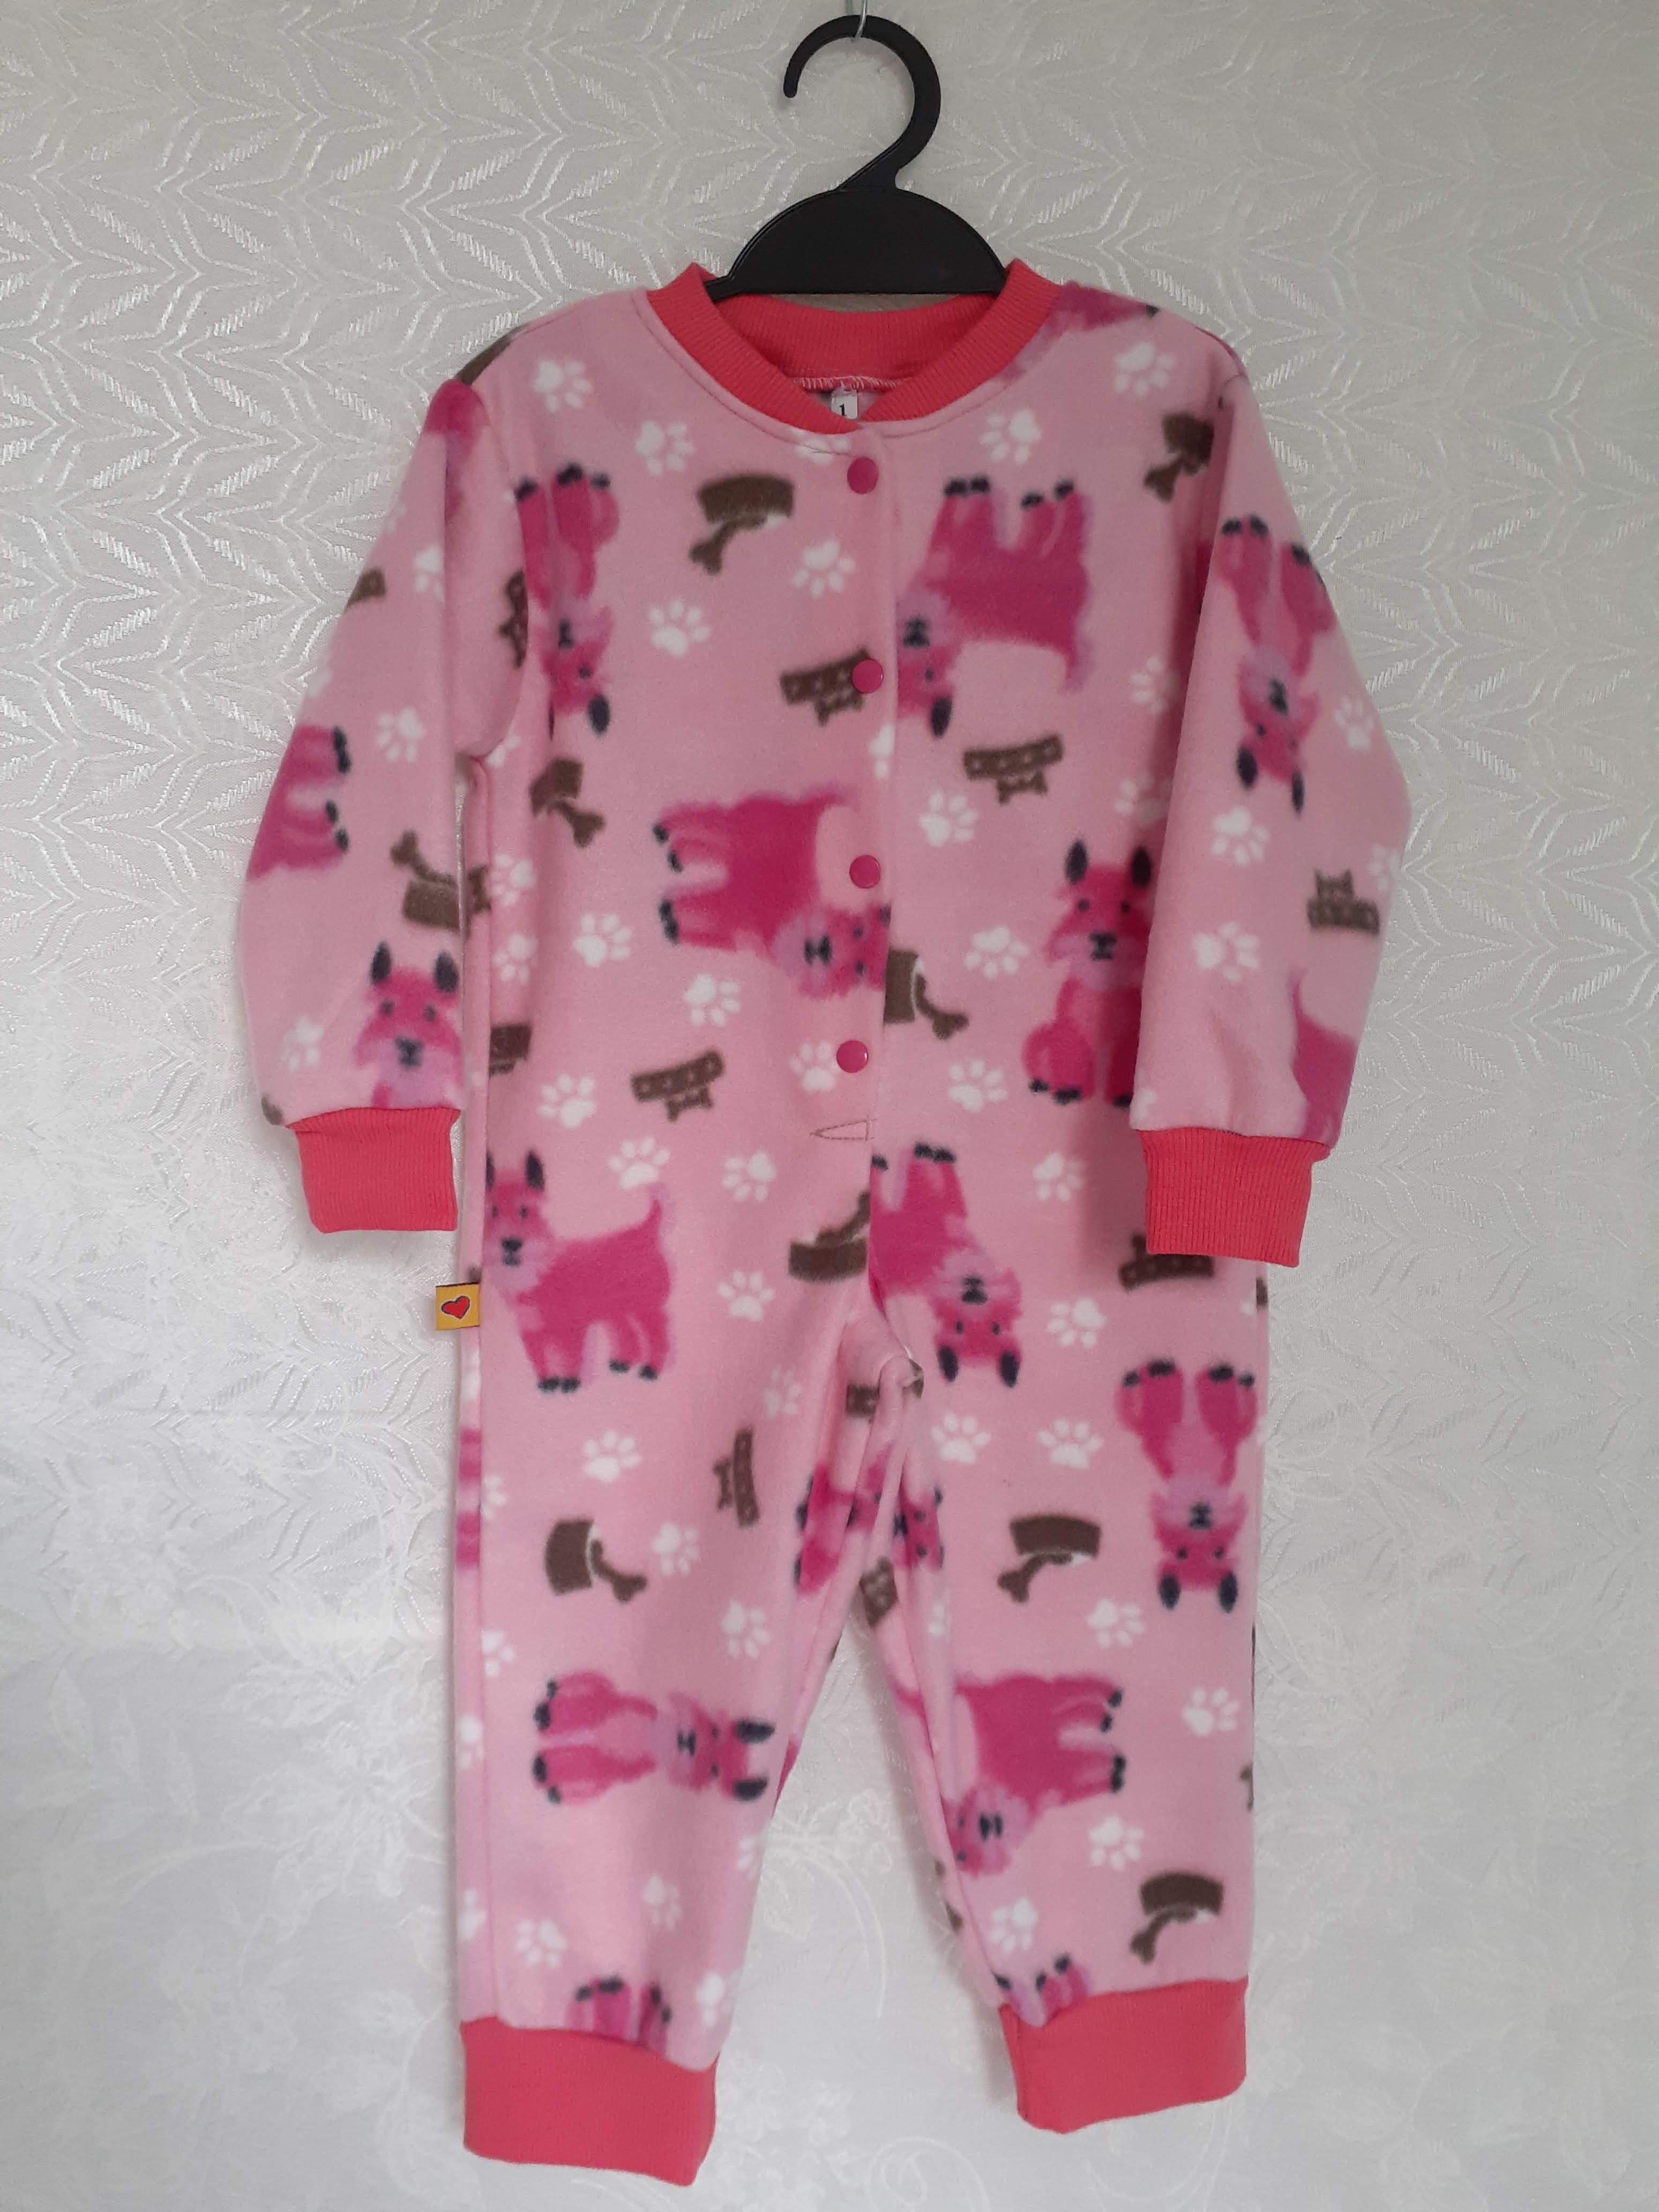 7880a484ccbecd Macacão Pijama Soft com zíper Tam.01